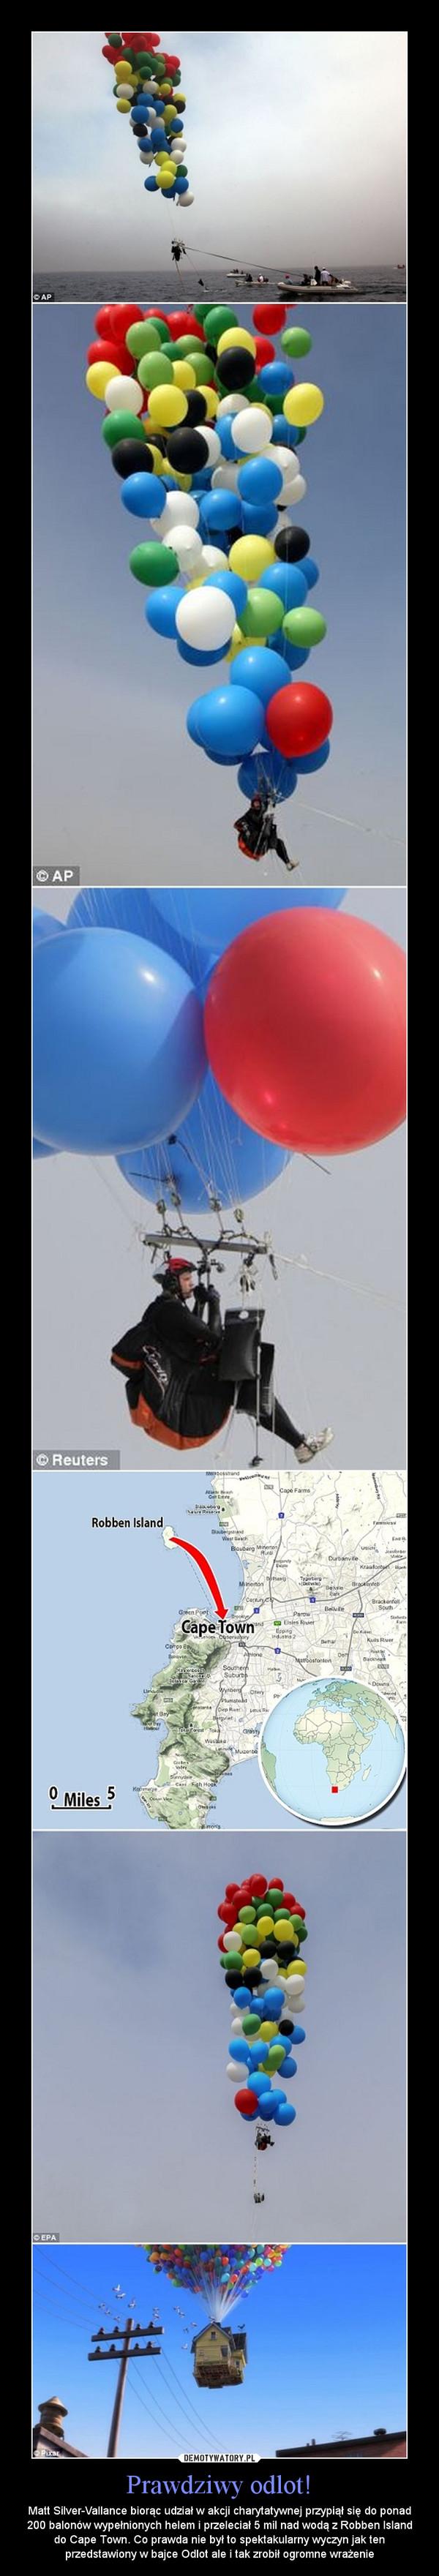 Prawdziwy odlot! – Matt Silver-Vallance biorąc udział w akcji charytatywnej przypiął się do ponad 200 balonów wypełnionych helem i przeleciał 5 mil nad wodą z Robben Island do Cape Town. Co prawda nie był to spektakularny wyczyn jak ten przedstawiony w bajce Odlot ale i tak zrobił ogromne wrażenie